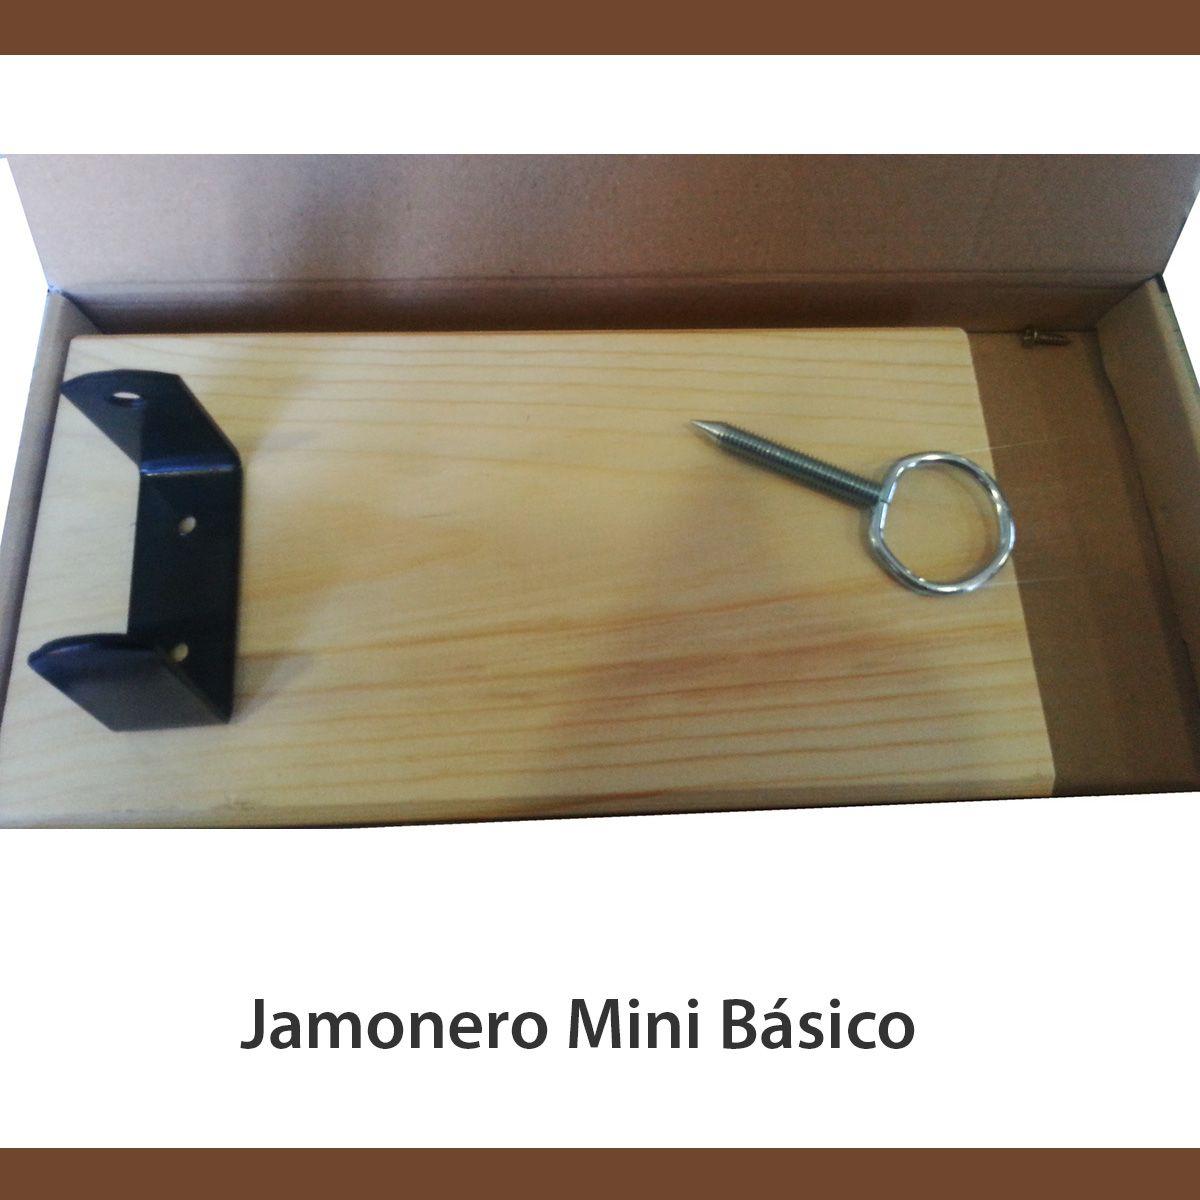 jamonero mini basico